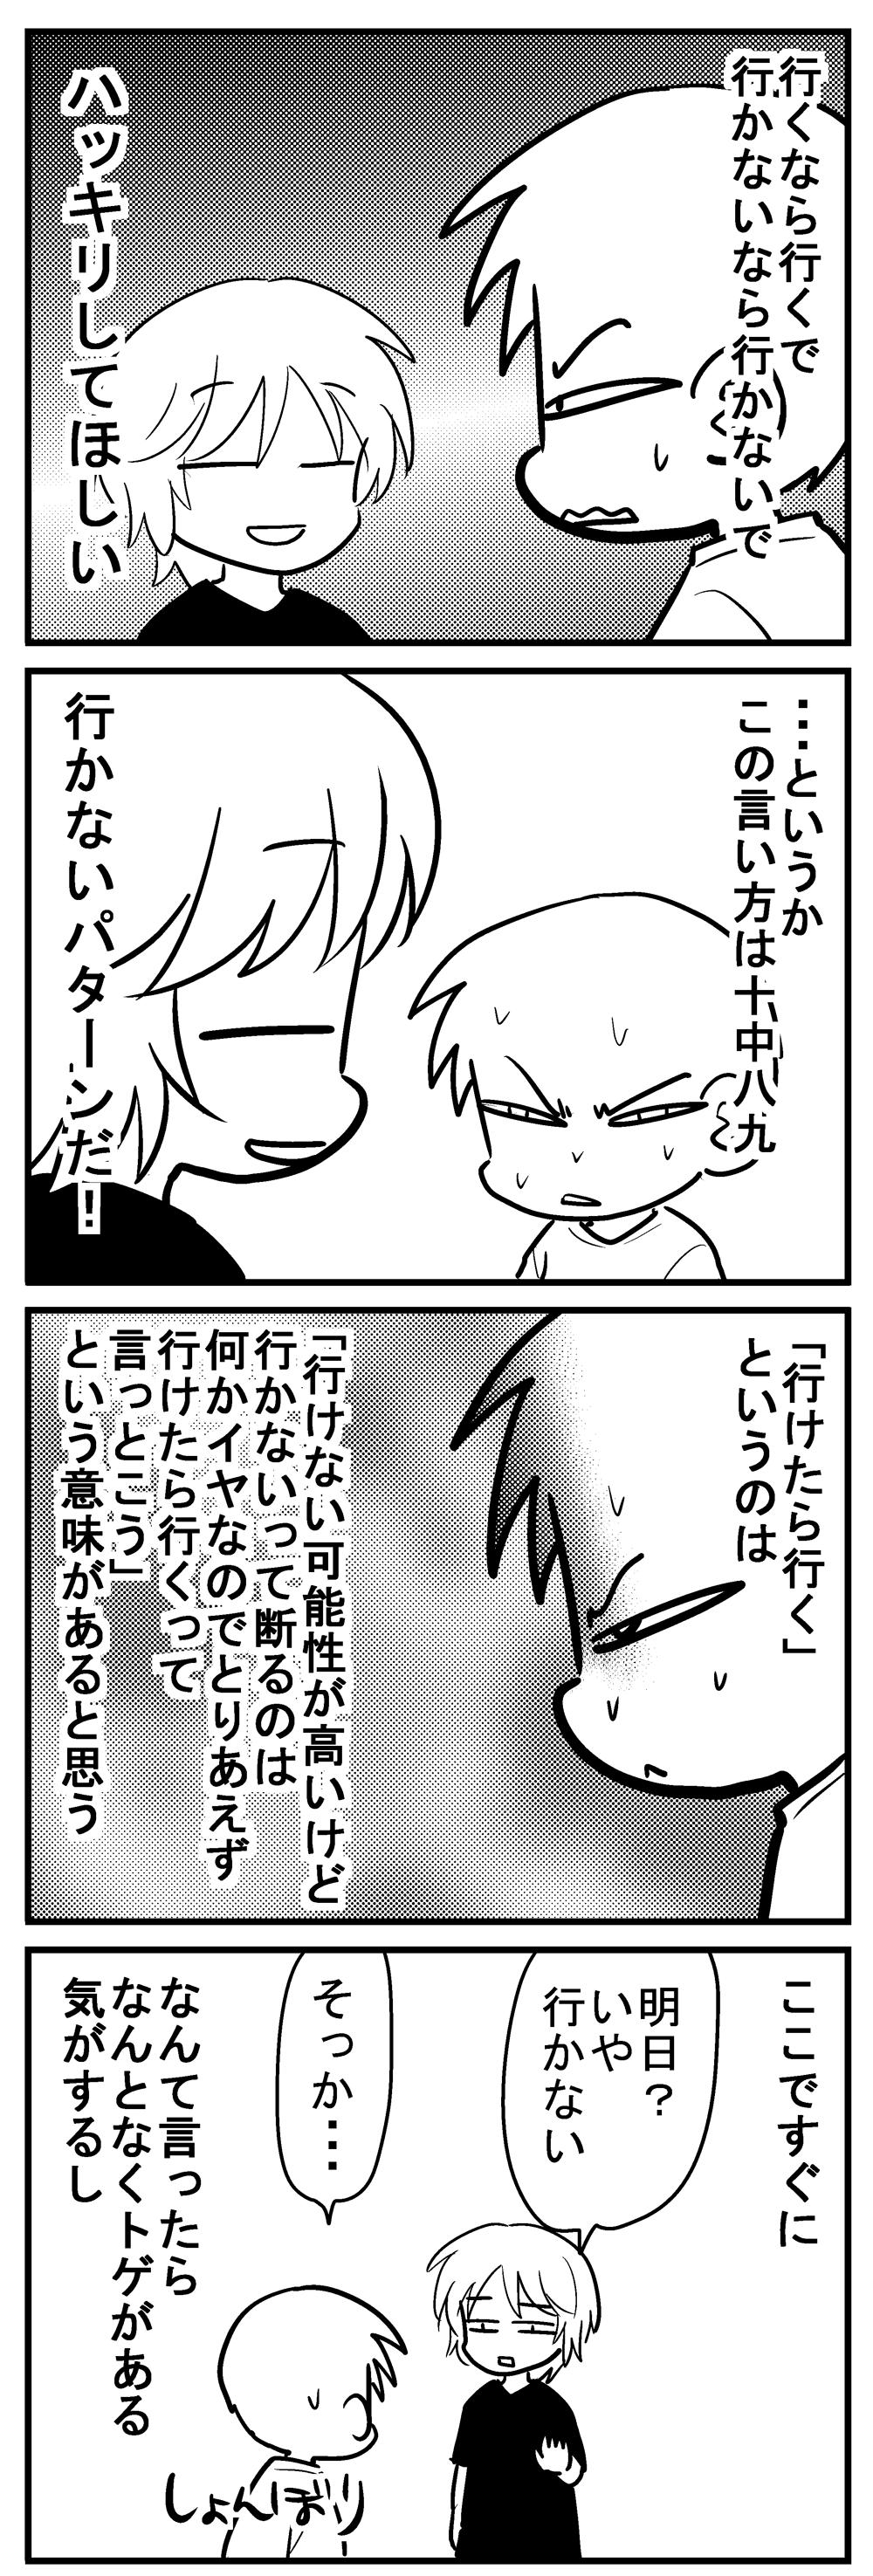 深読みくん77-2